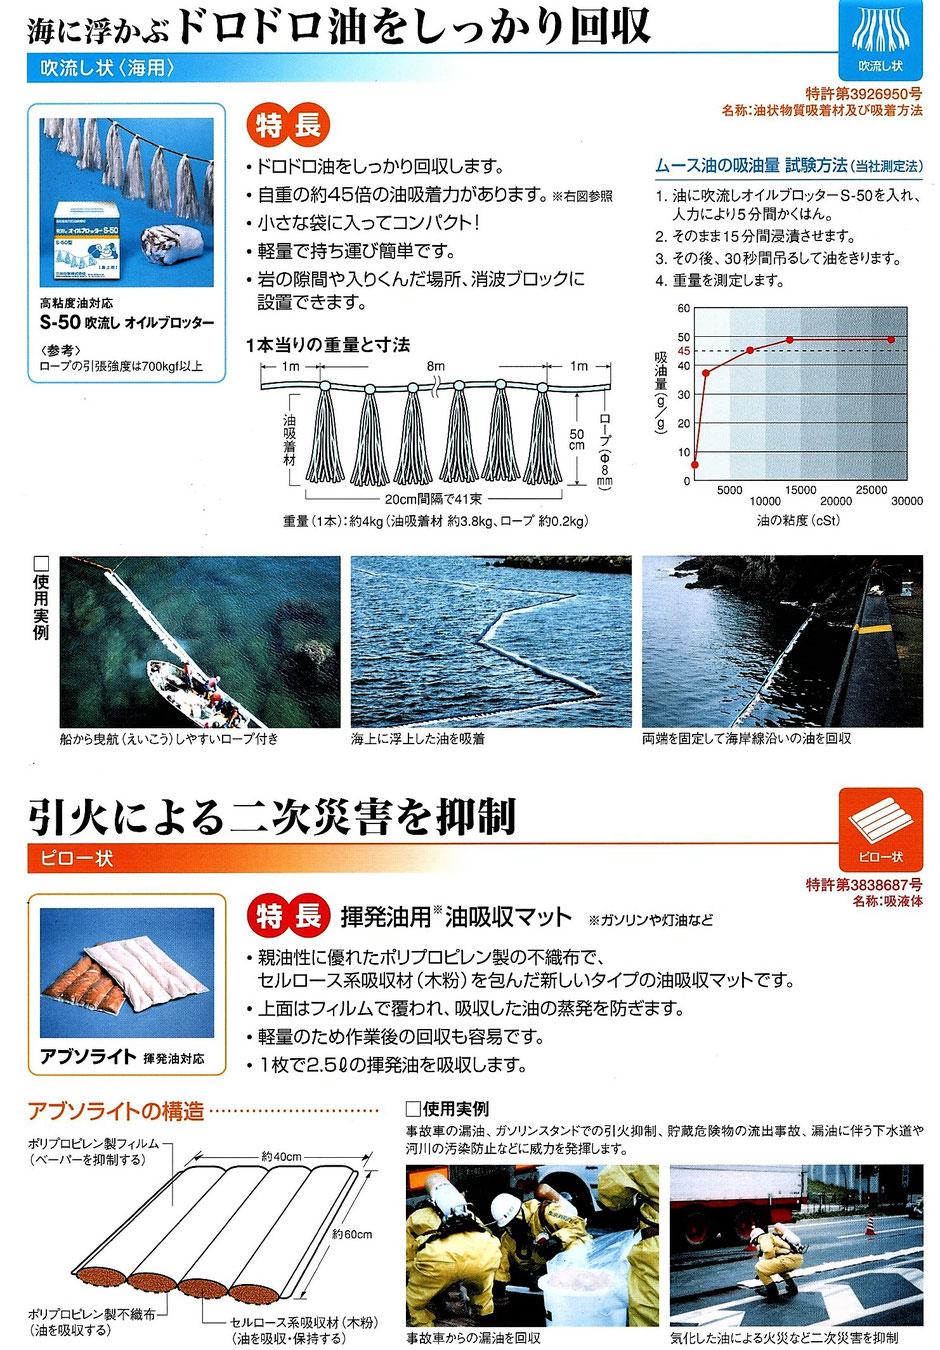 船や、重機などが横転・転覆してオイルが河川や海に流出した場合。管理者は、速やかに流出した油を回収する義務が、法律で定められています。本ページでは、三井化学の「オイルブロッター」を推奨します。高性能で、格安なオイルフェンスのご紹介です。